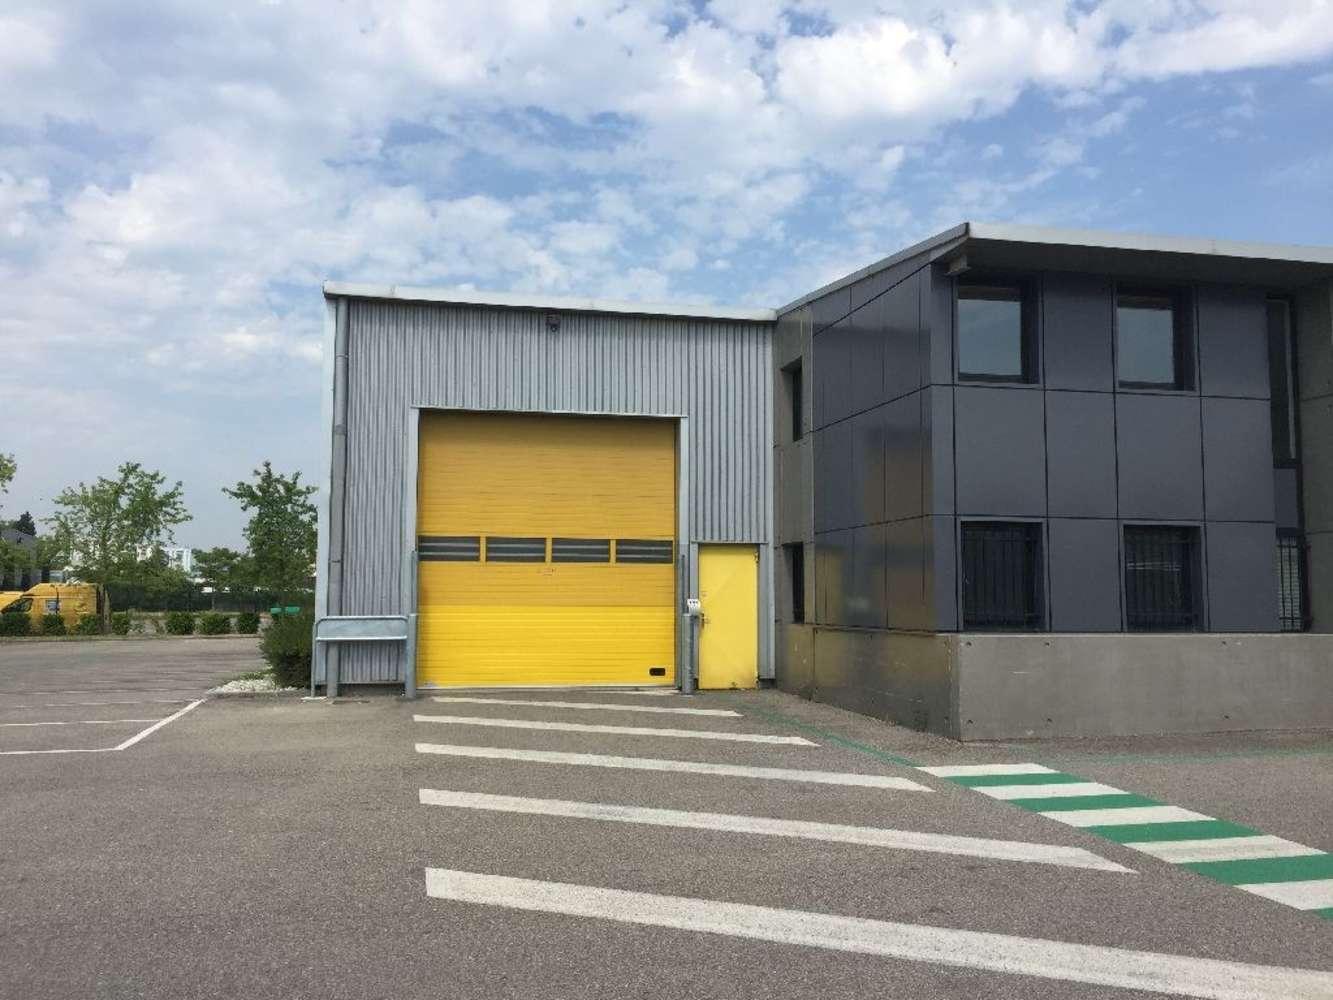 Activités/entrepôt Vaulx en velin, 69120 - Location entrepot Lyon - Vaulx en Velin - 9632147